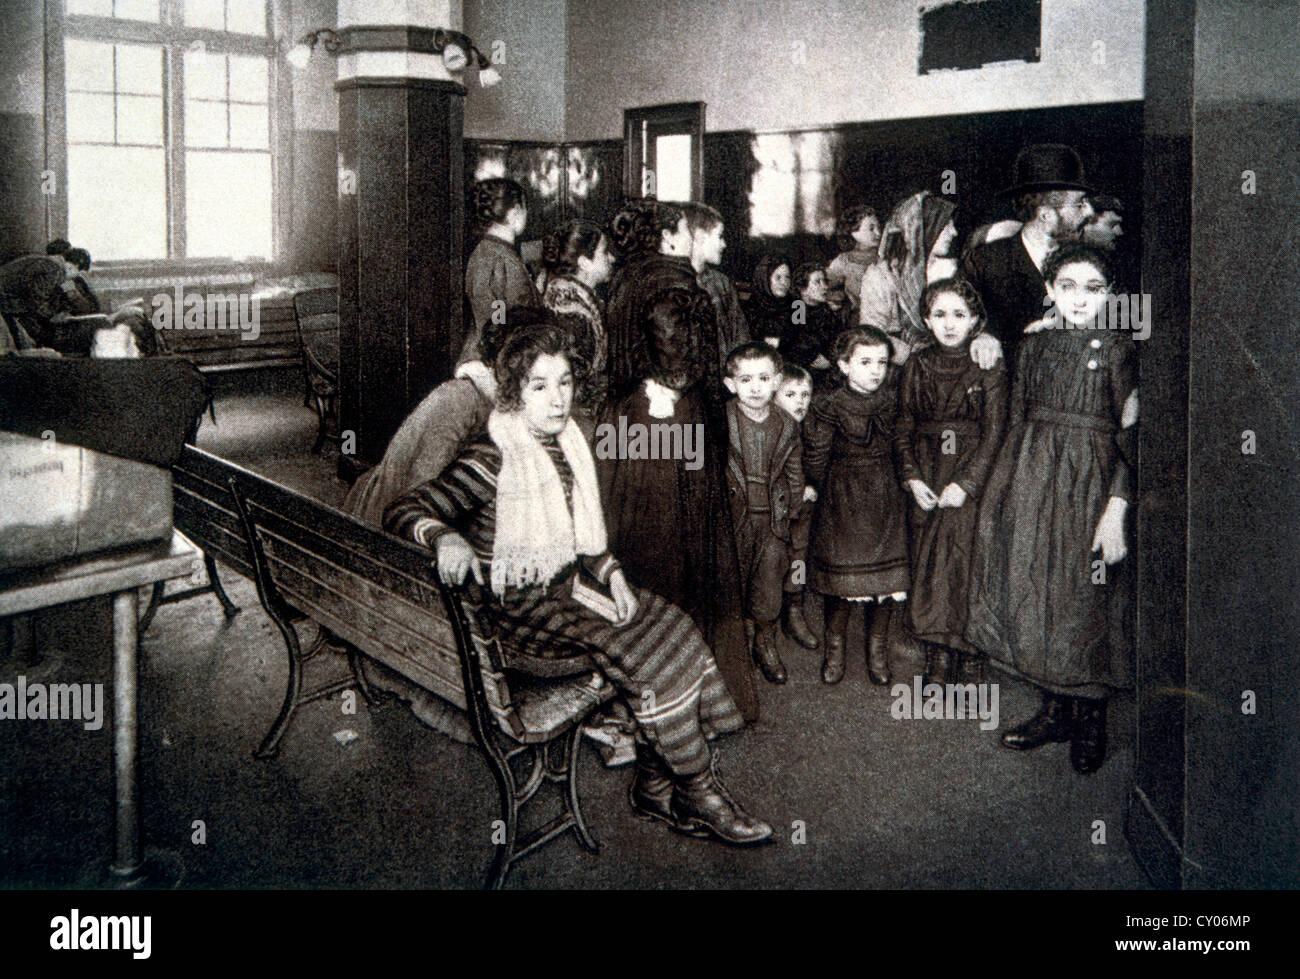 Grupo de emigrantes esperando en la pluma de detención después de pasar sus exámenes de ingreso, Imagen De Stock